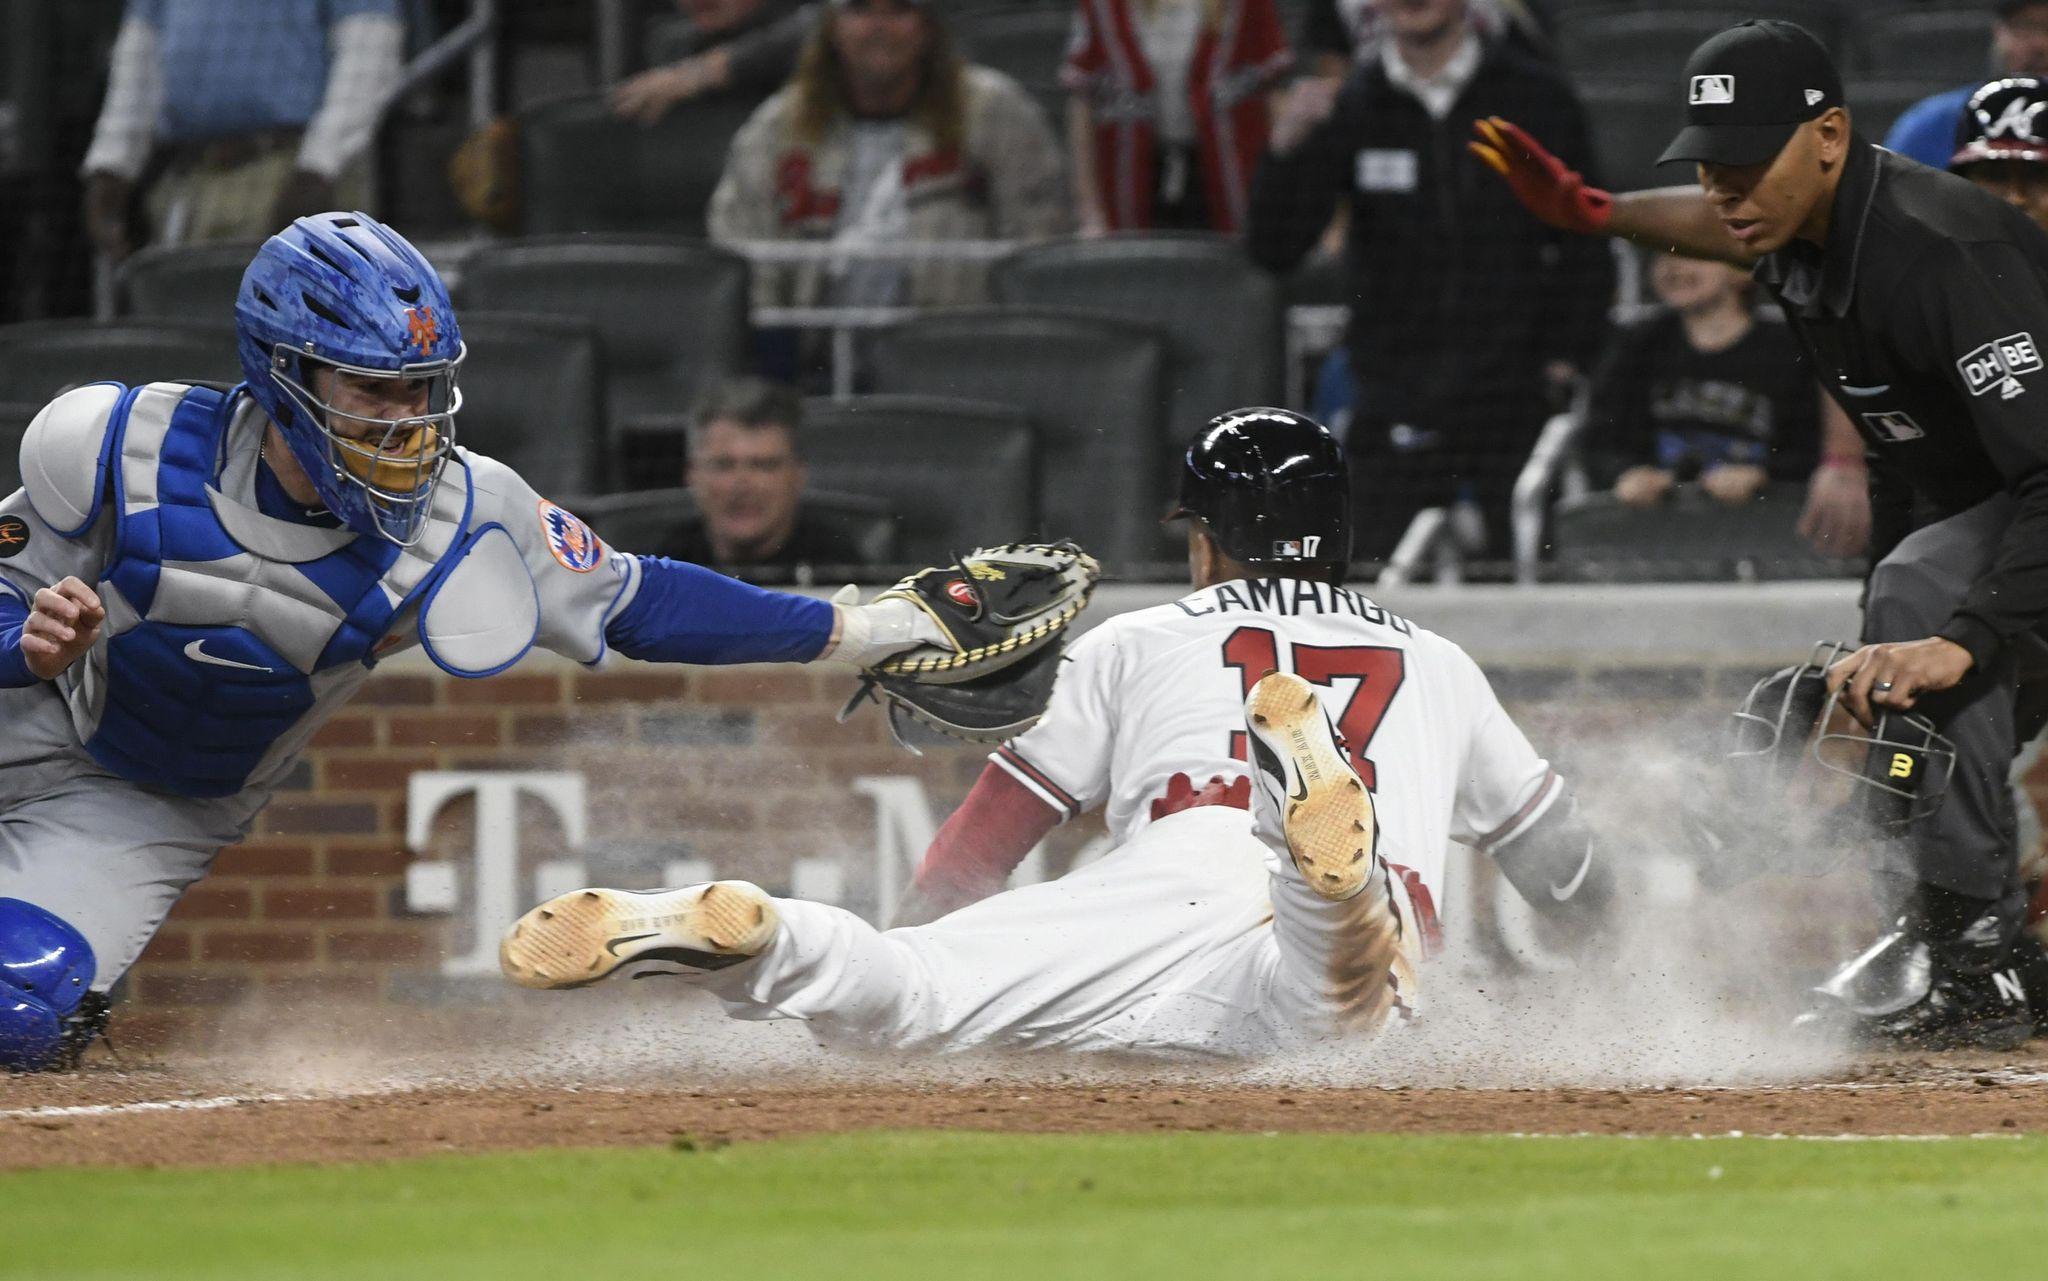 Mets_braves_baseball_27882_s2048x1281